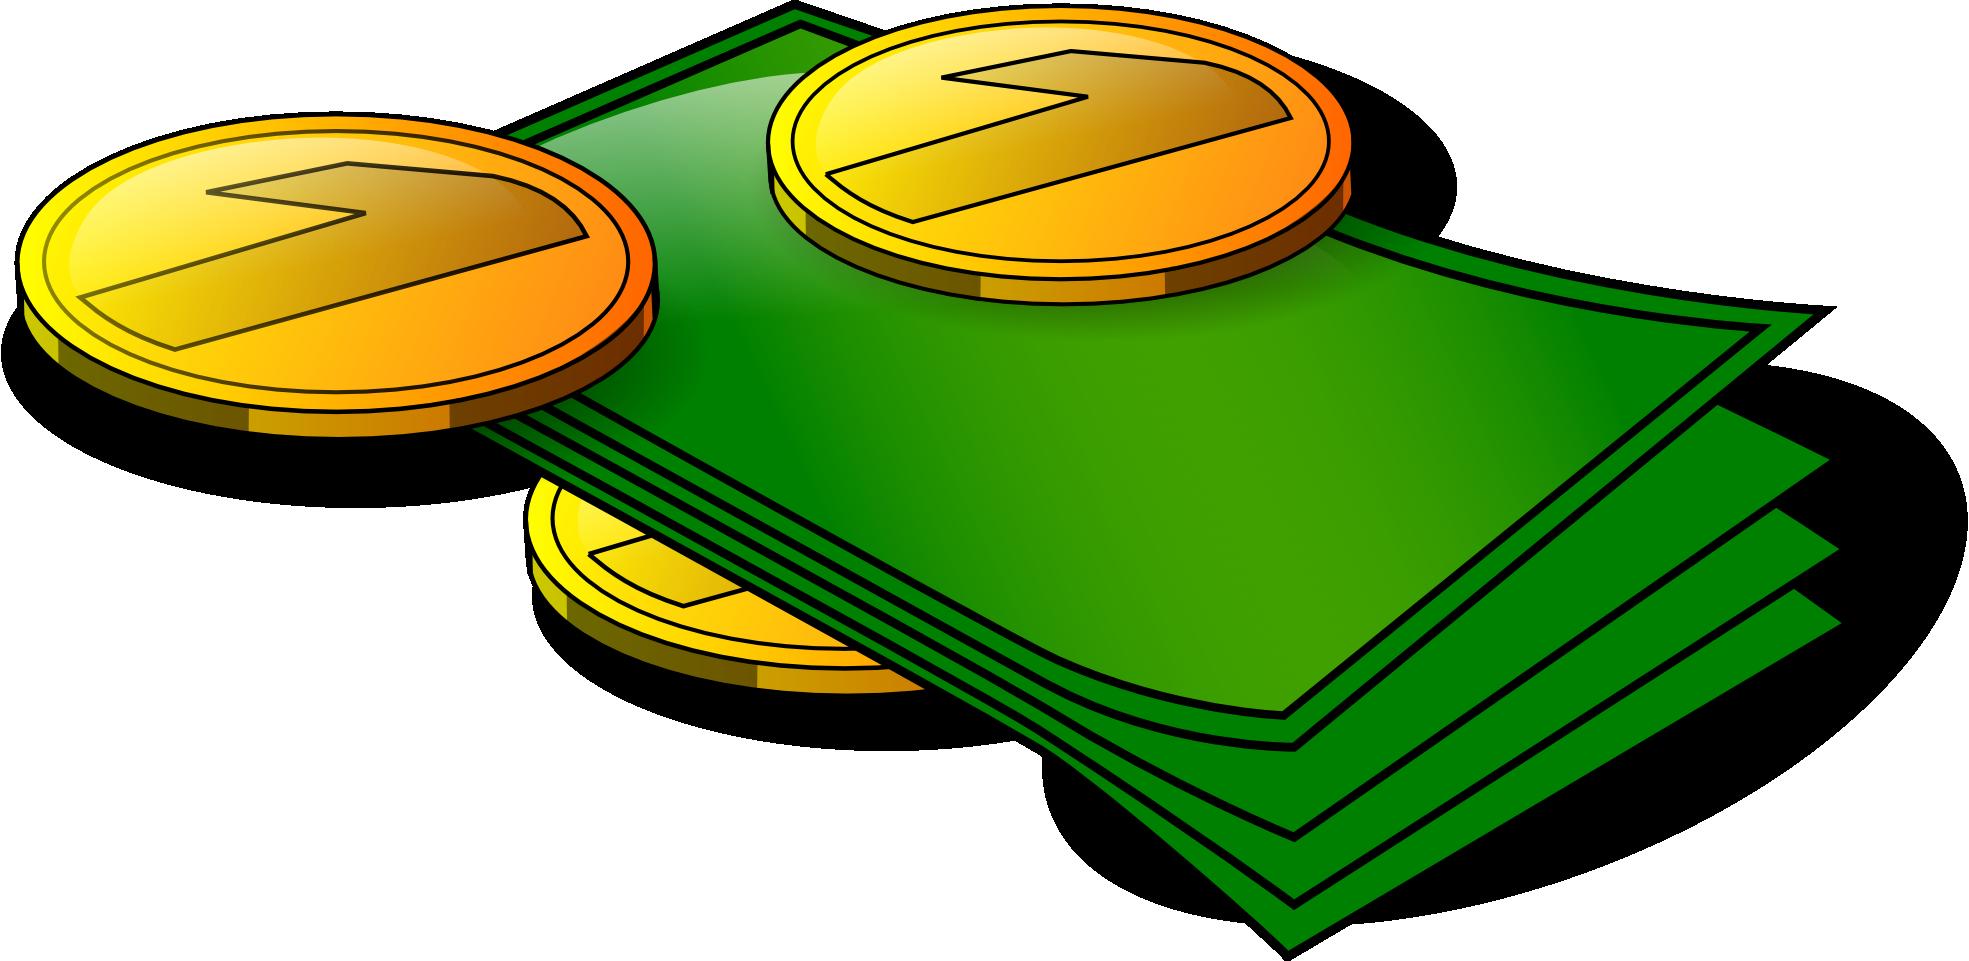 money images clip art cliparts co documents clipart png document clip art corners